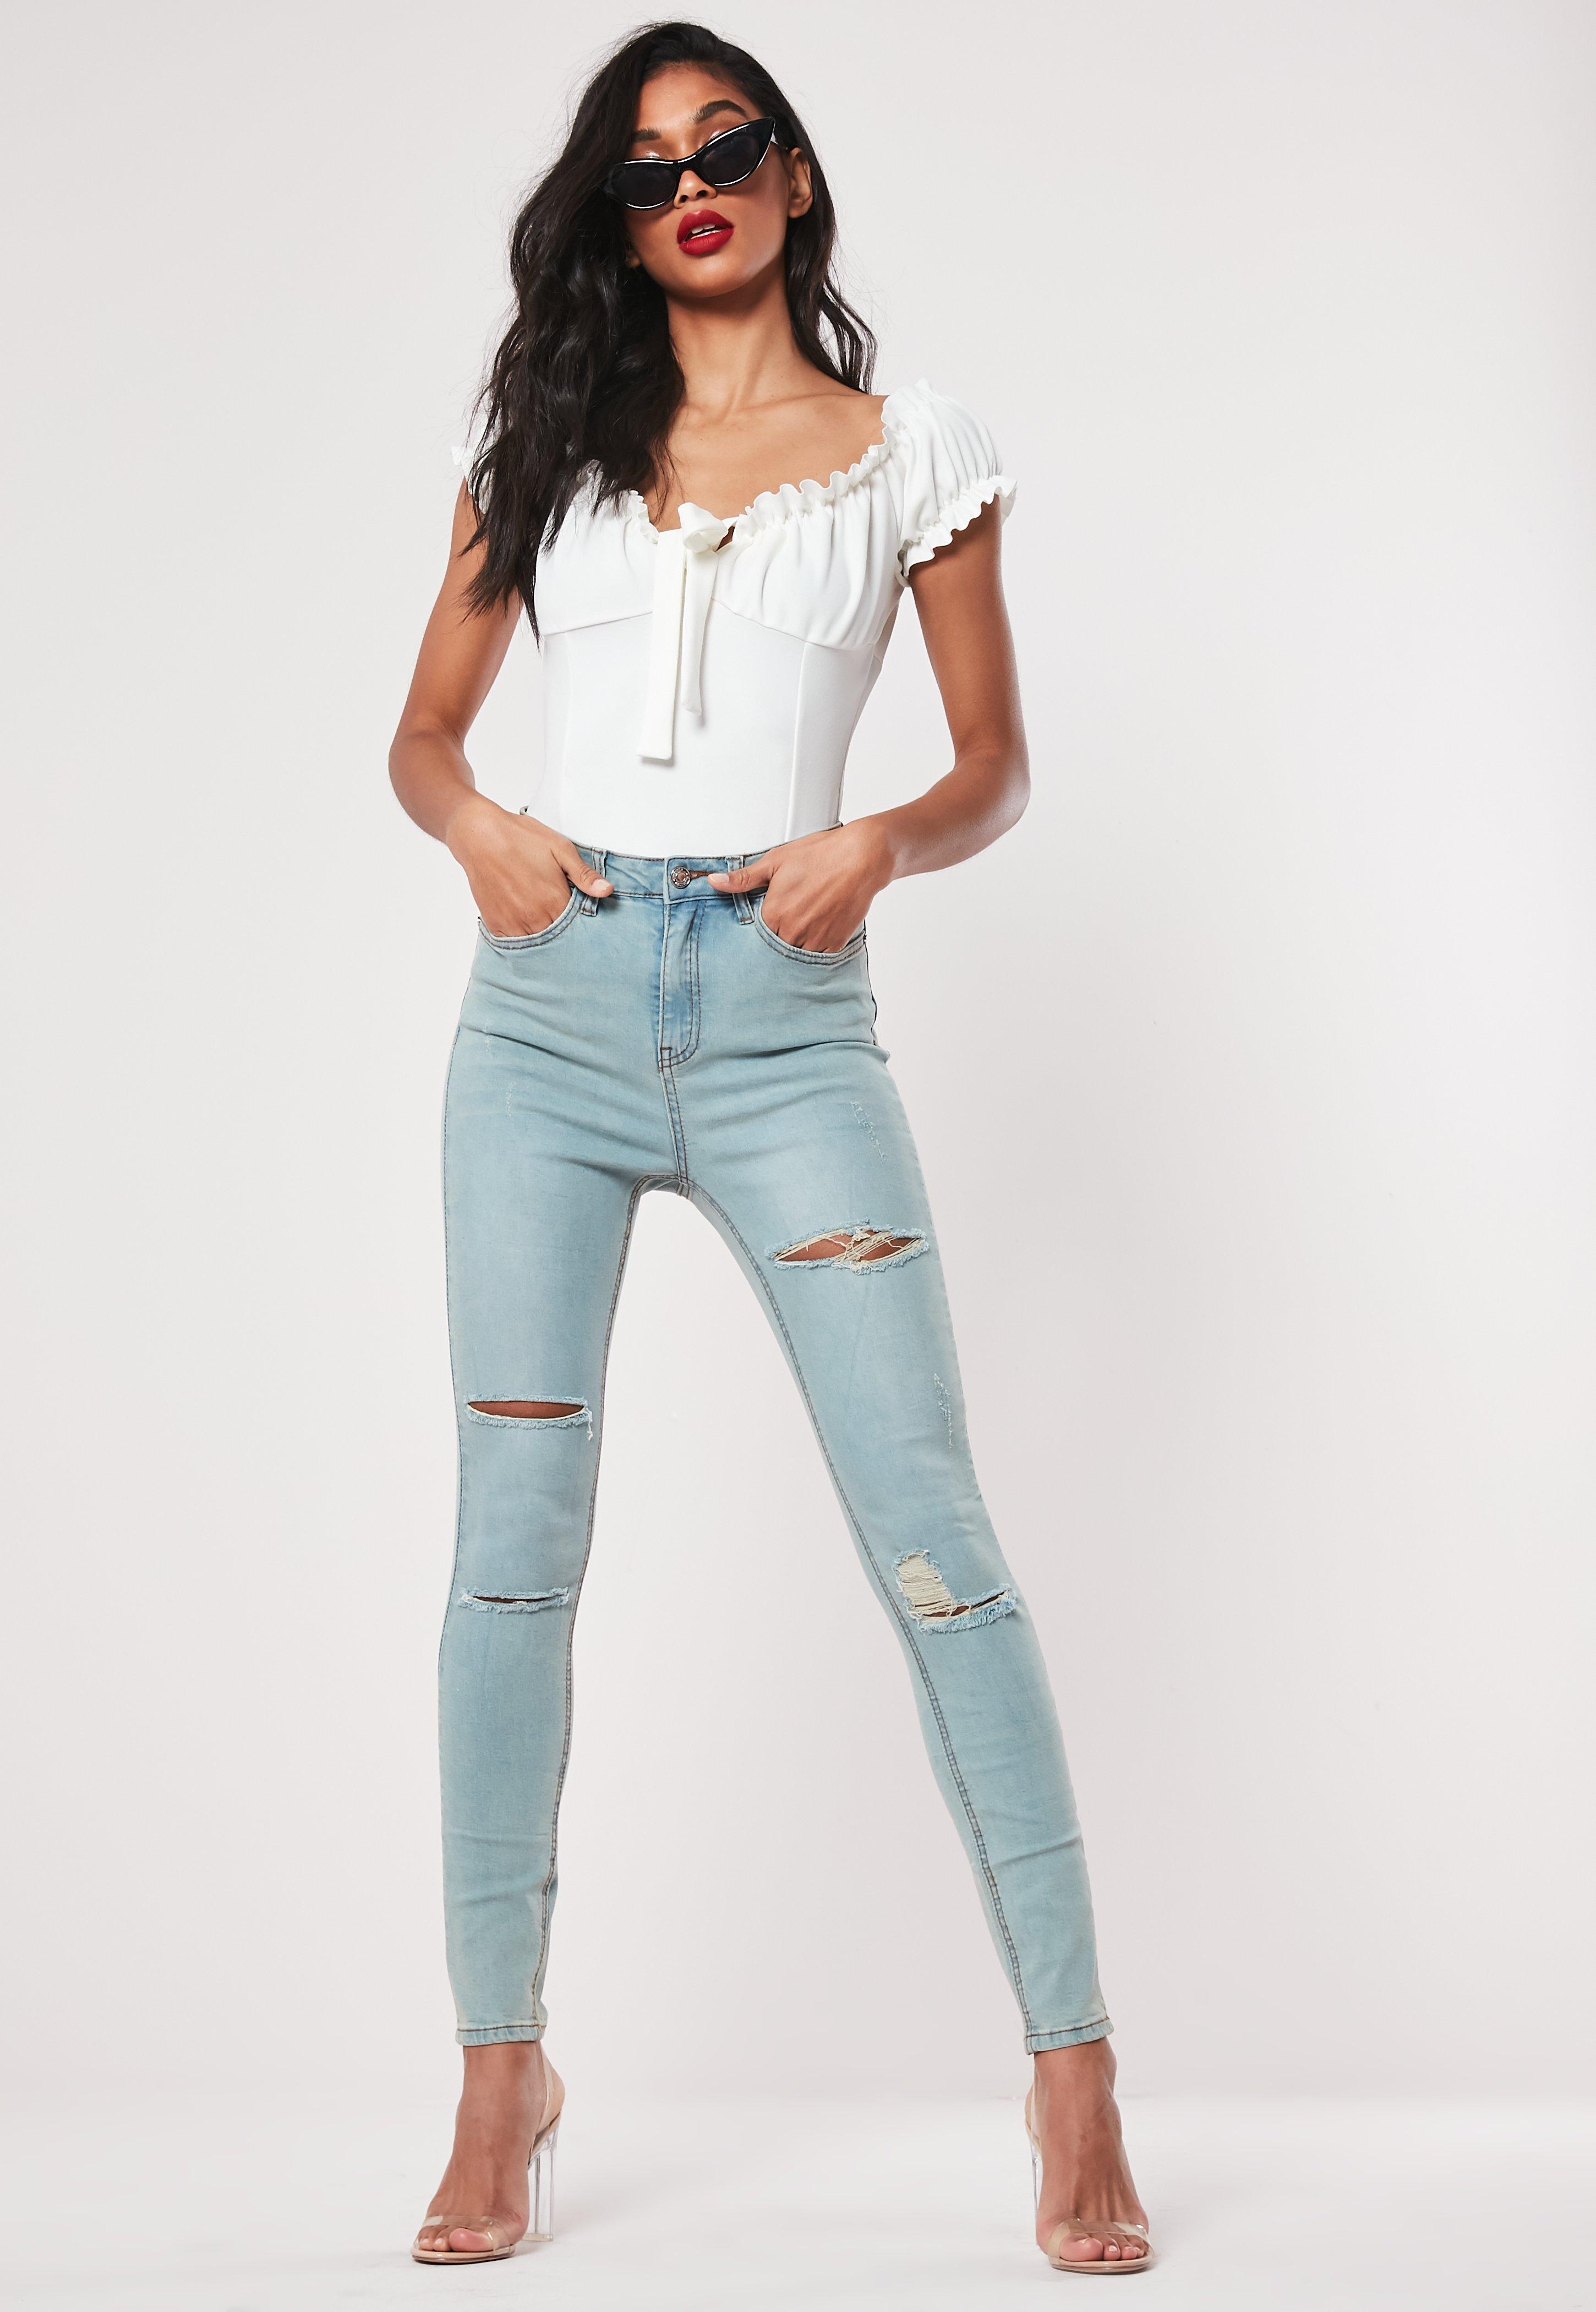 ce765d0d23da19 Skinny Jeans